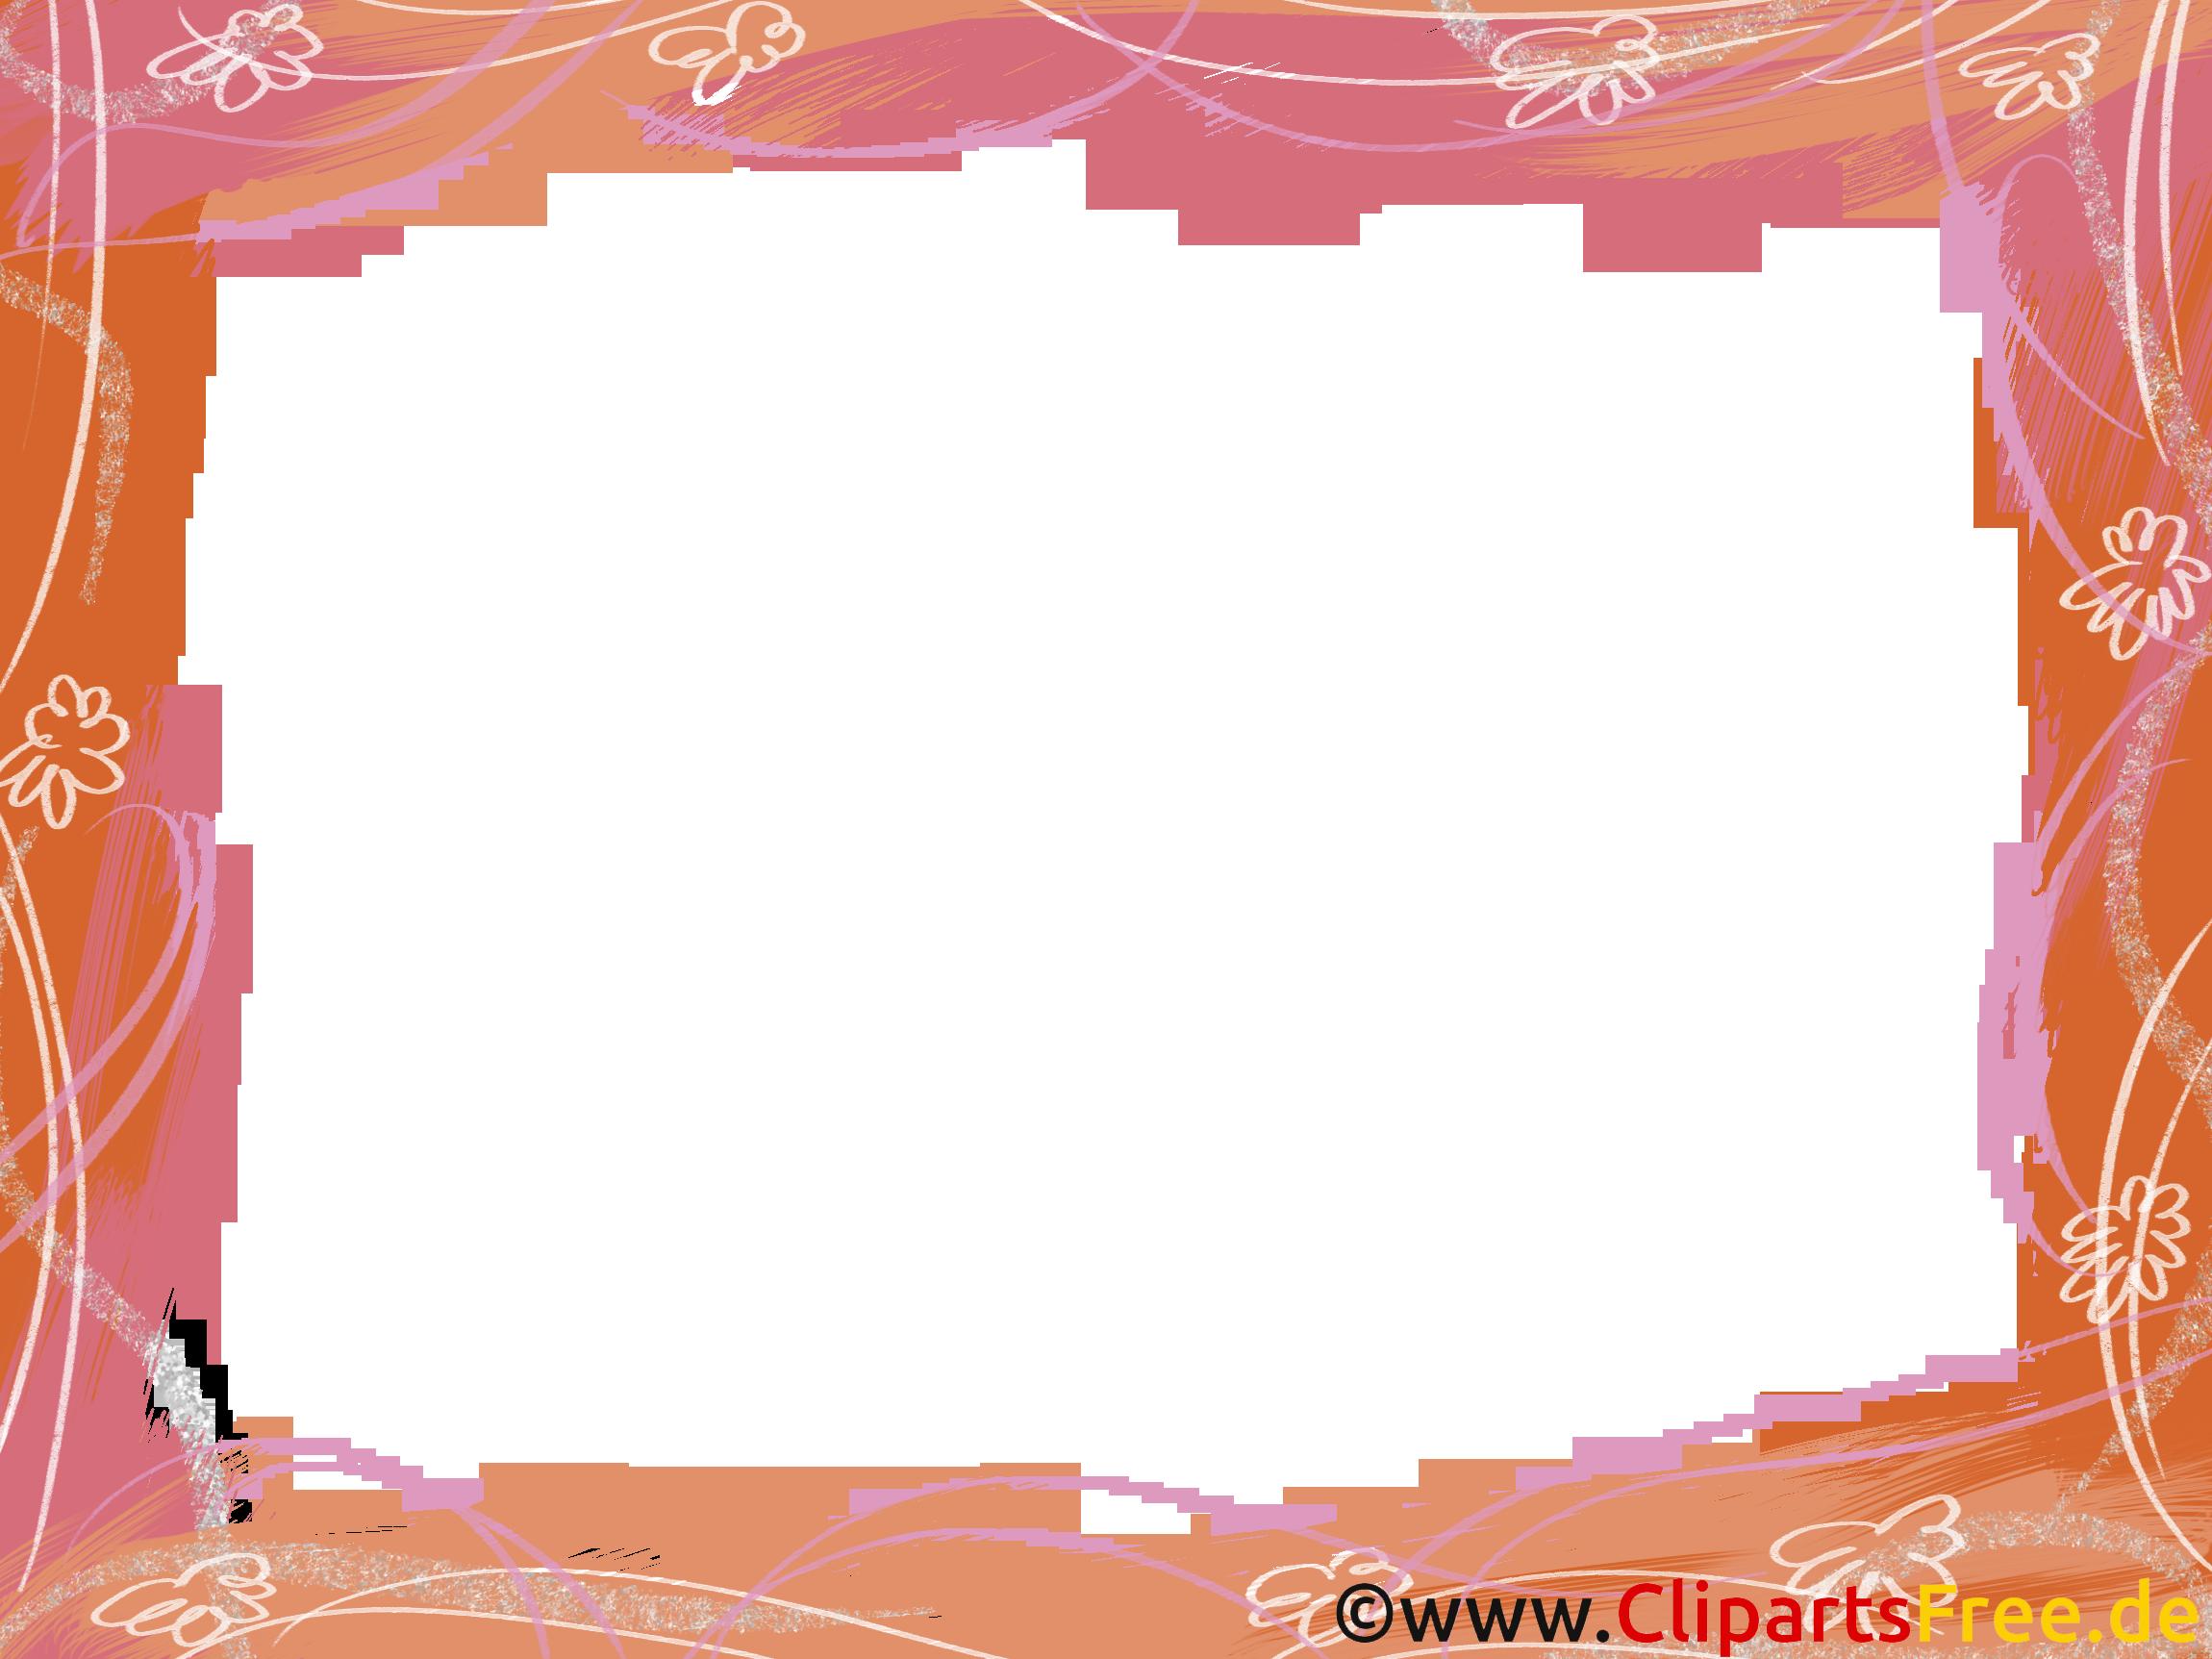 Cadre image à télécharger – Fête des Mères clipart